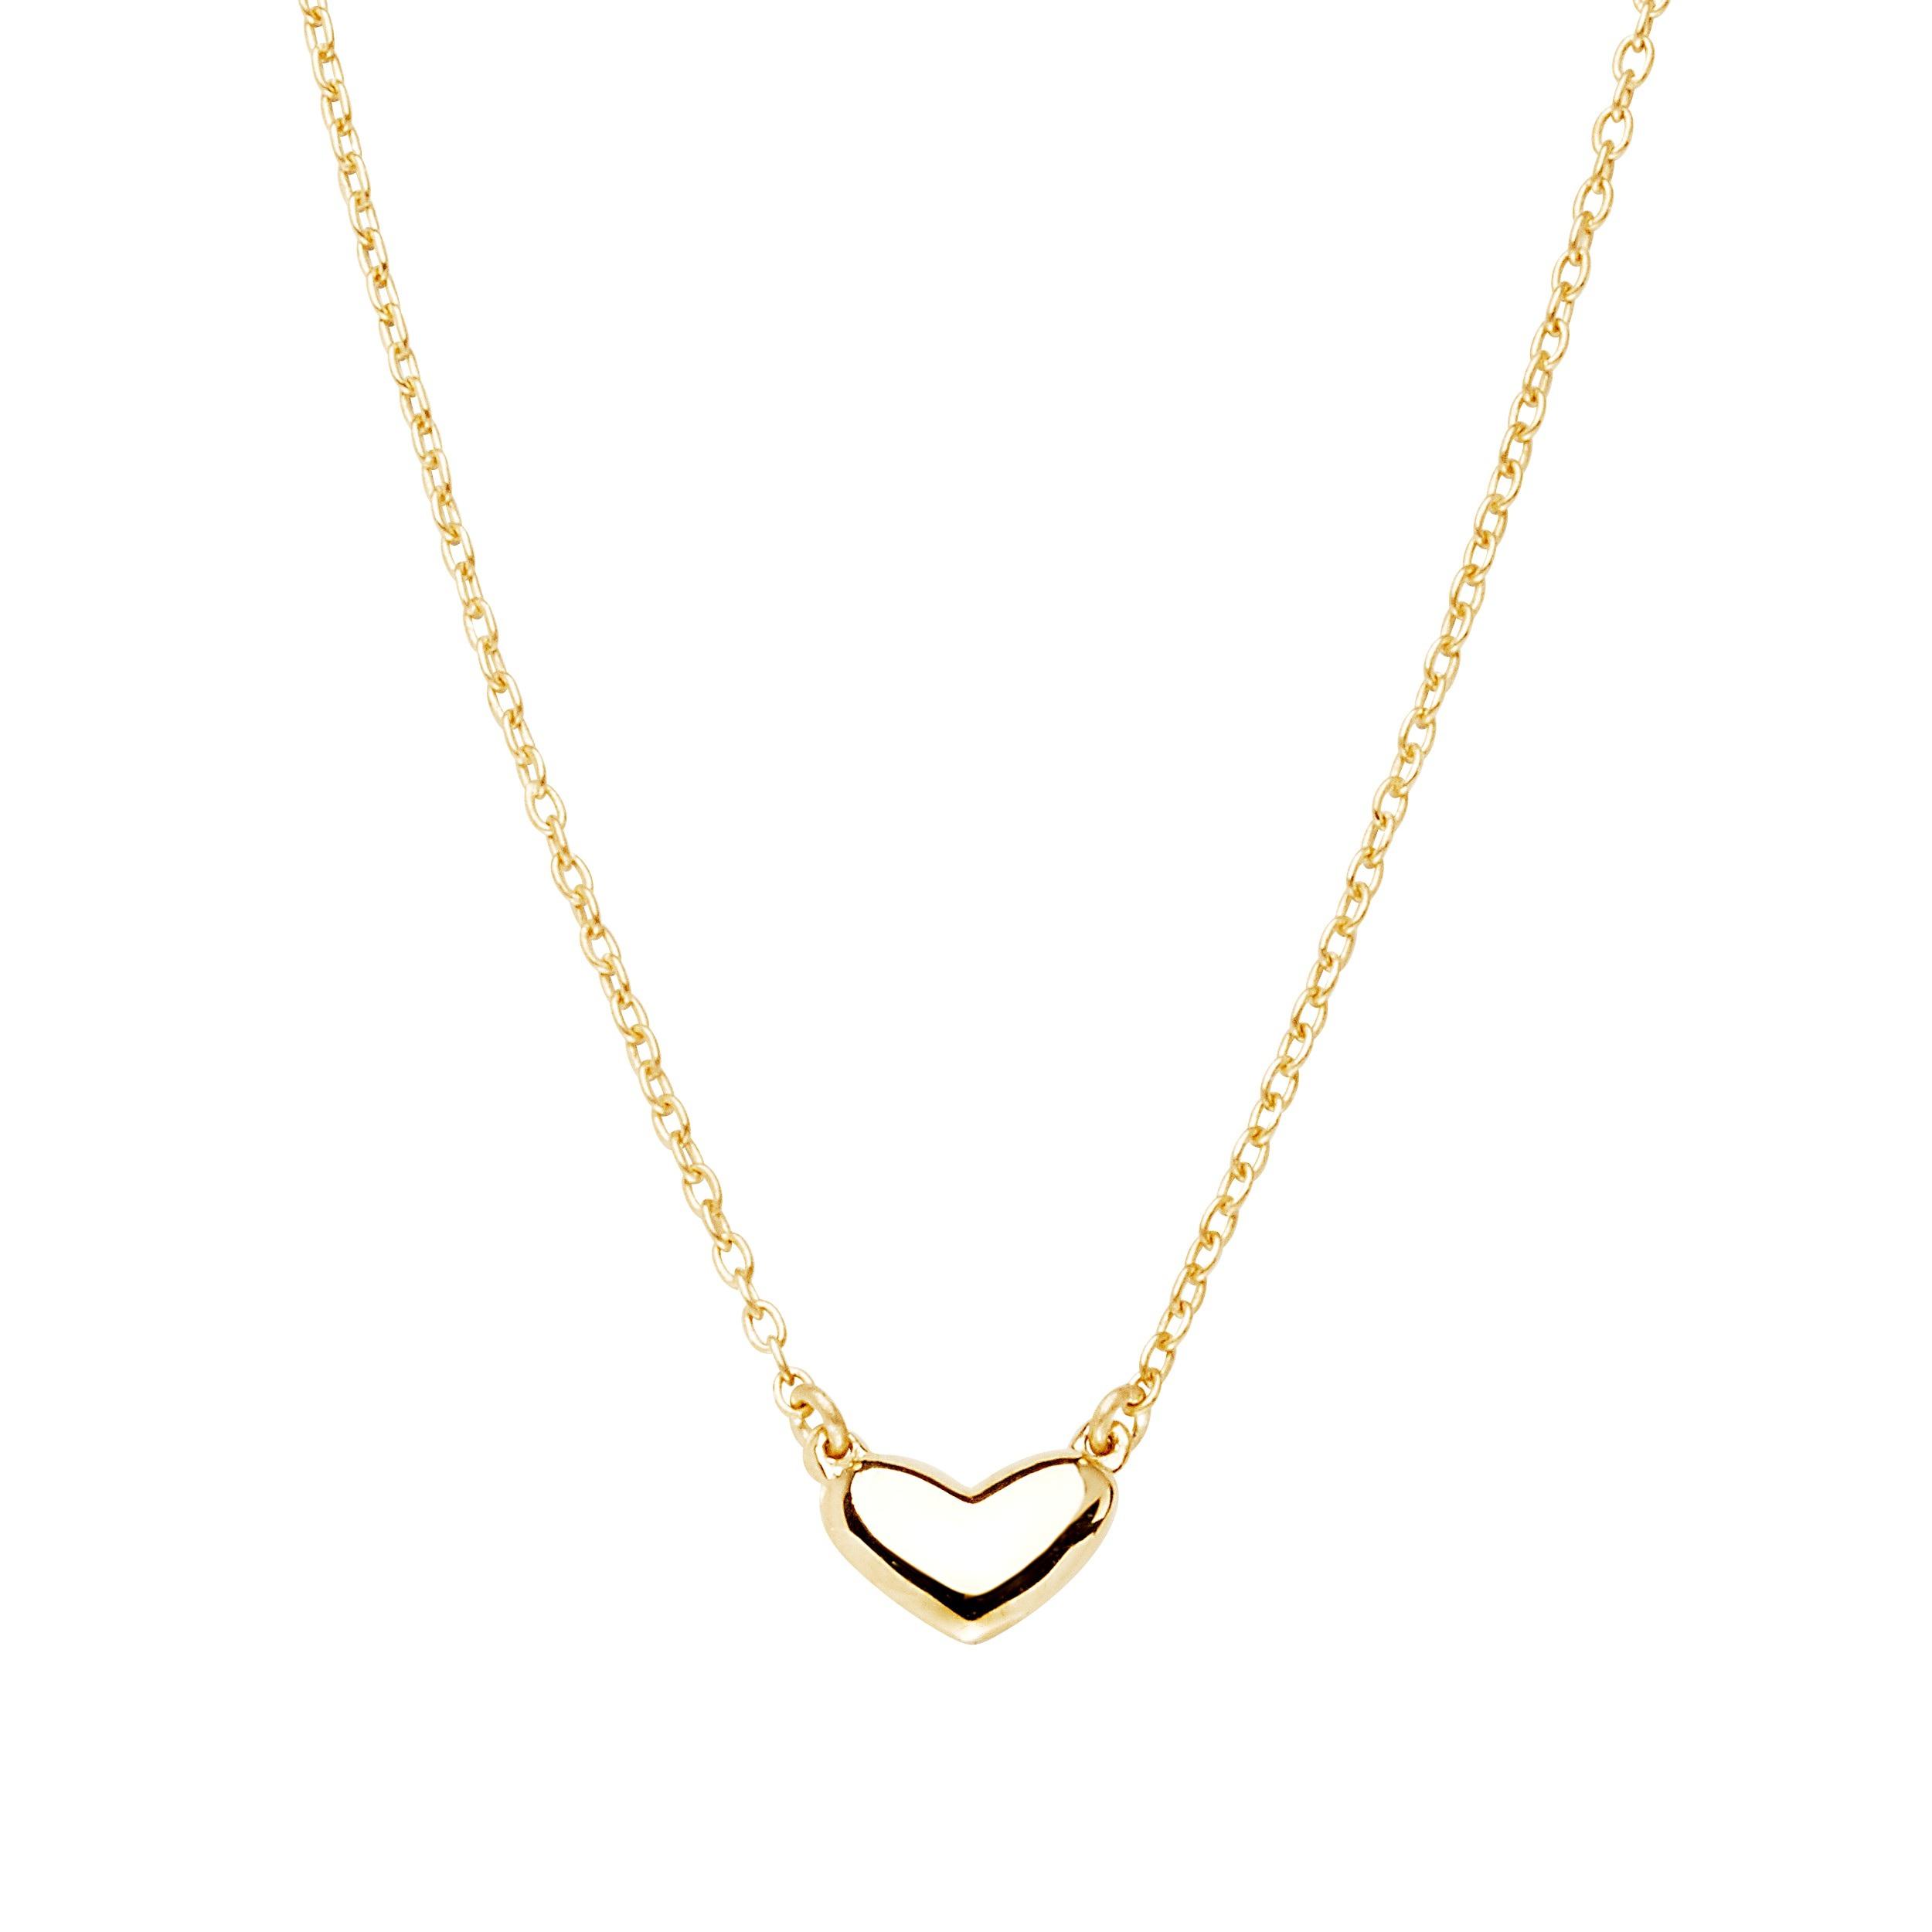 Loving heart medium single necklace gold 4790 SEK